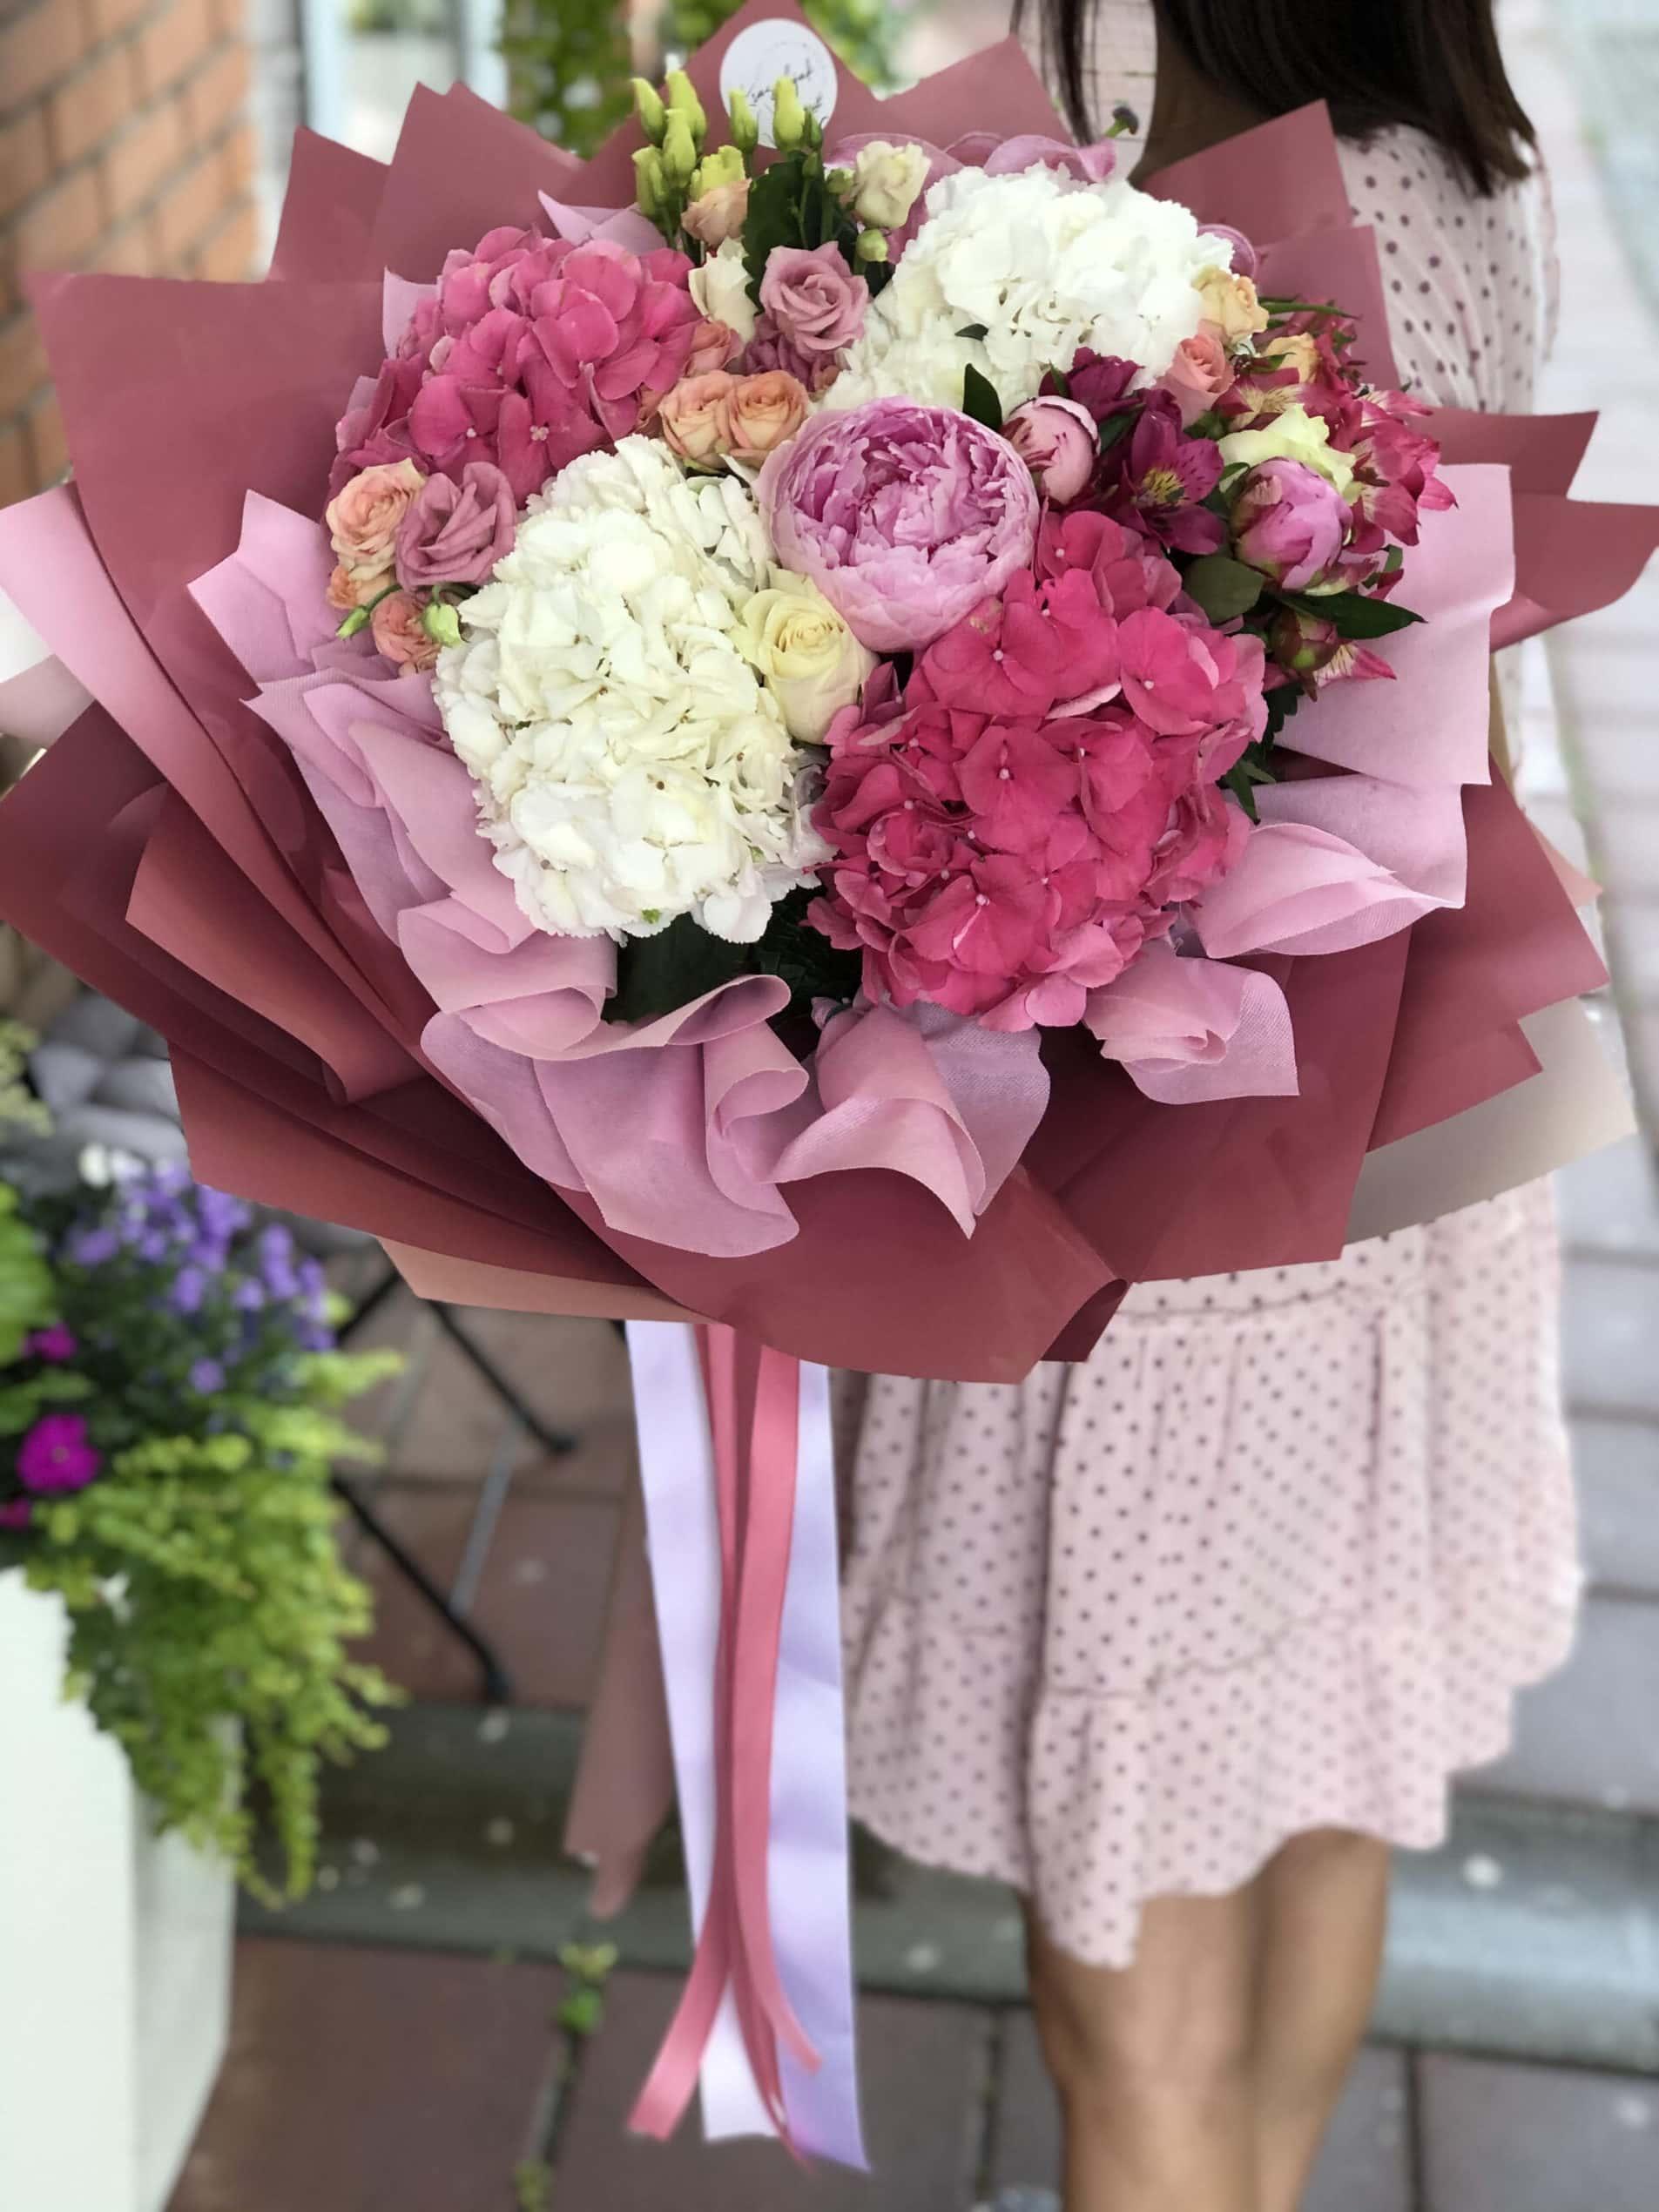 Cveće - buket cveća, cvecara